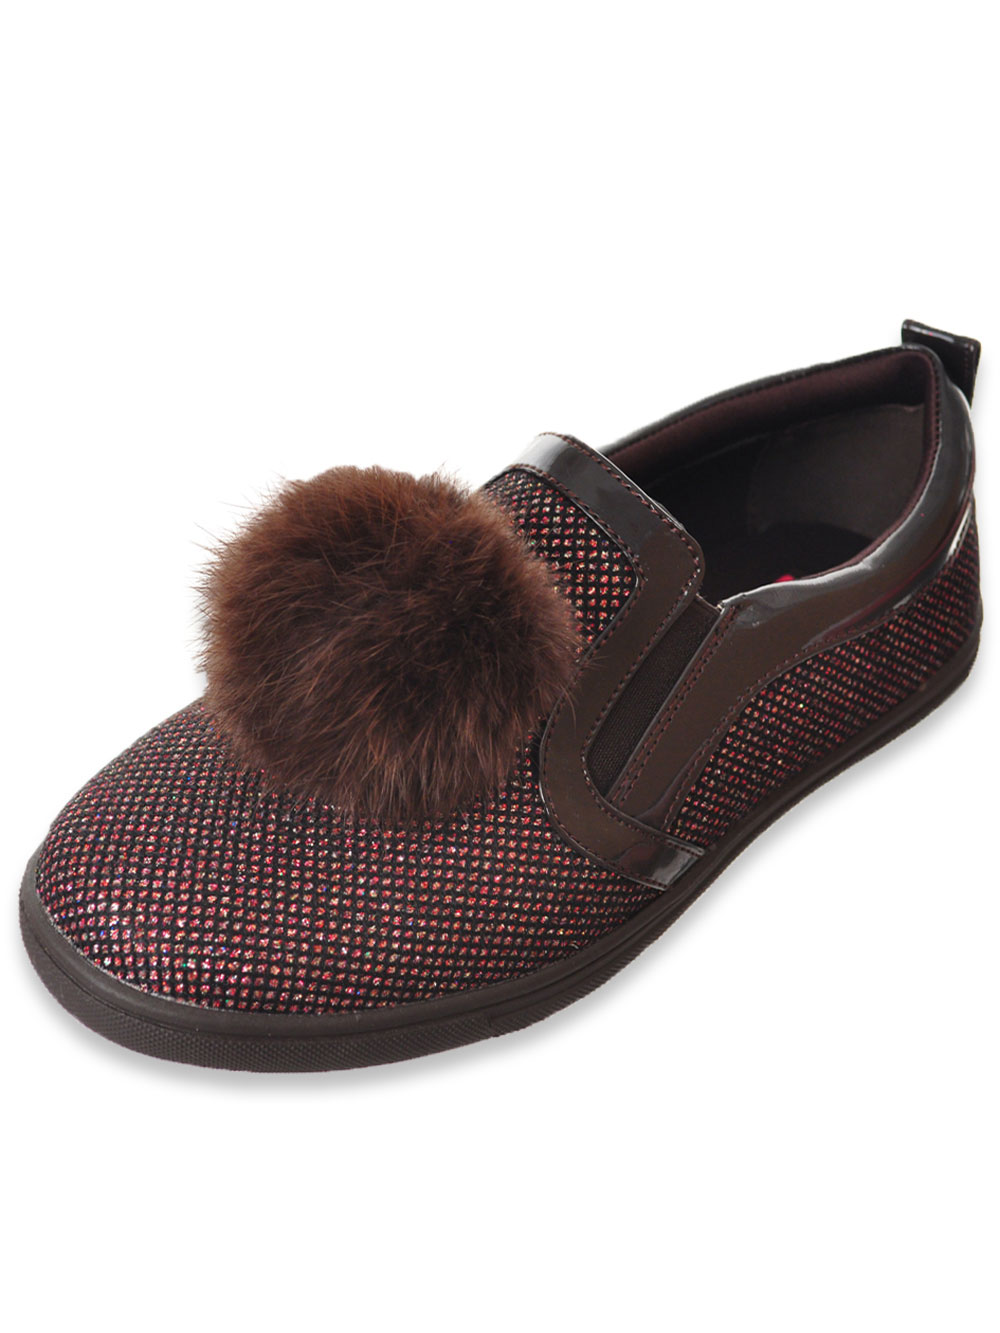 810f11fb7c49e Girls' Jolene Low-Top Sneakers by Rachel in Brown